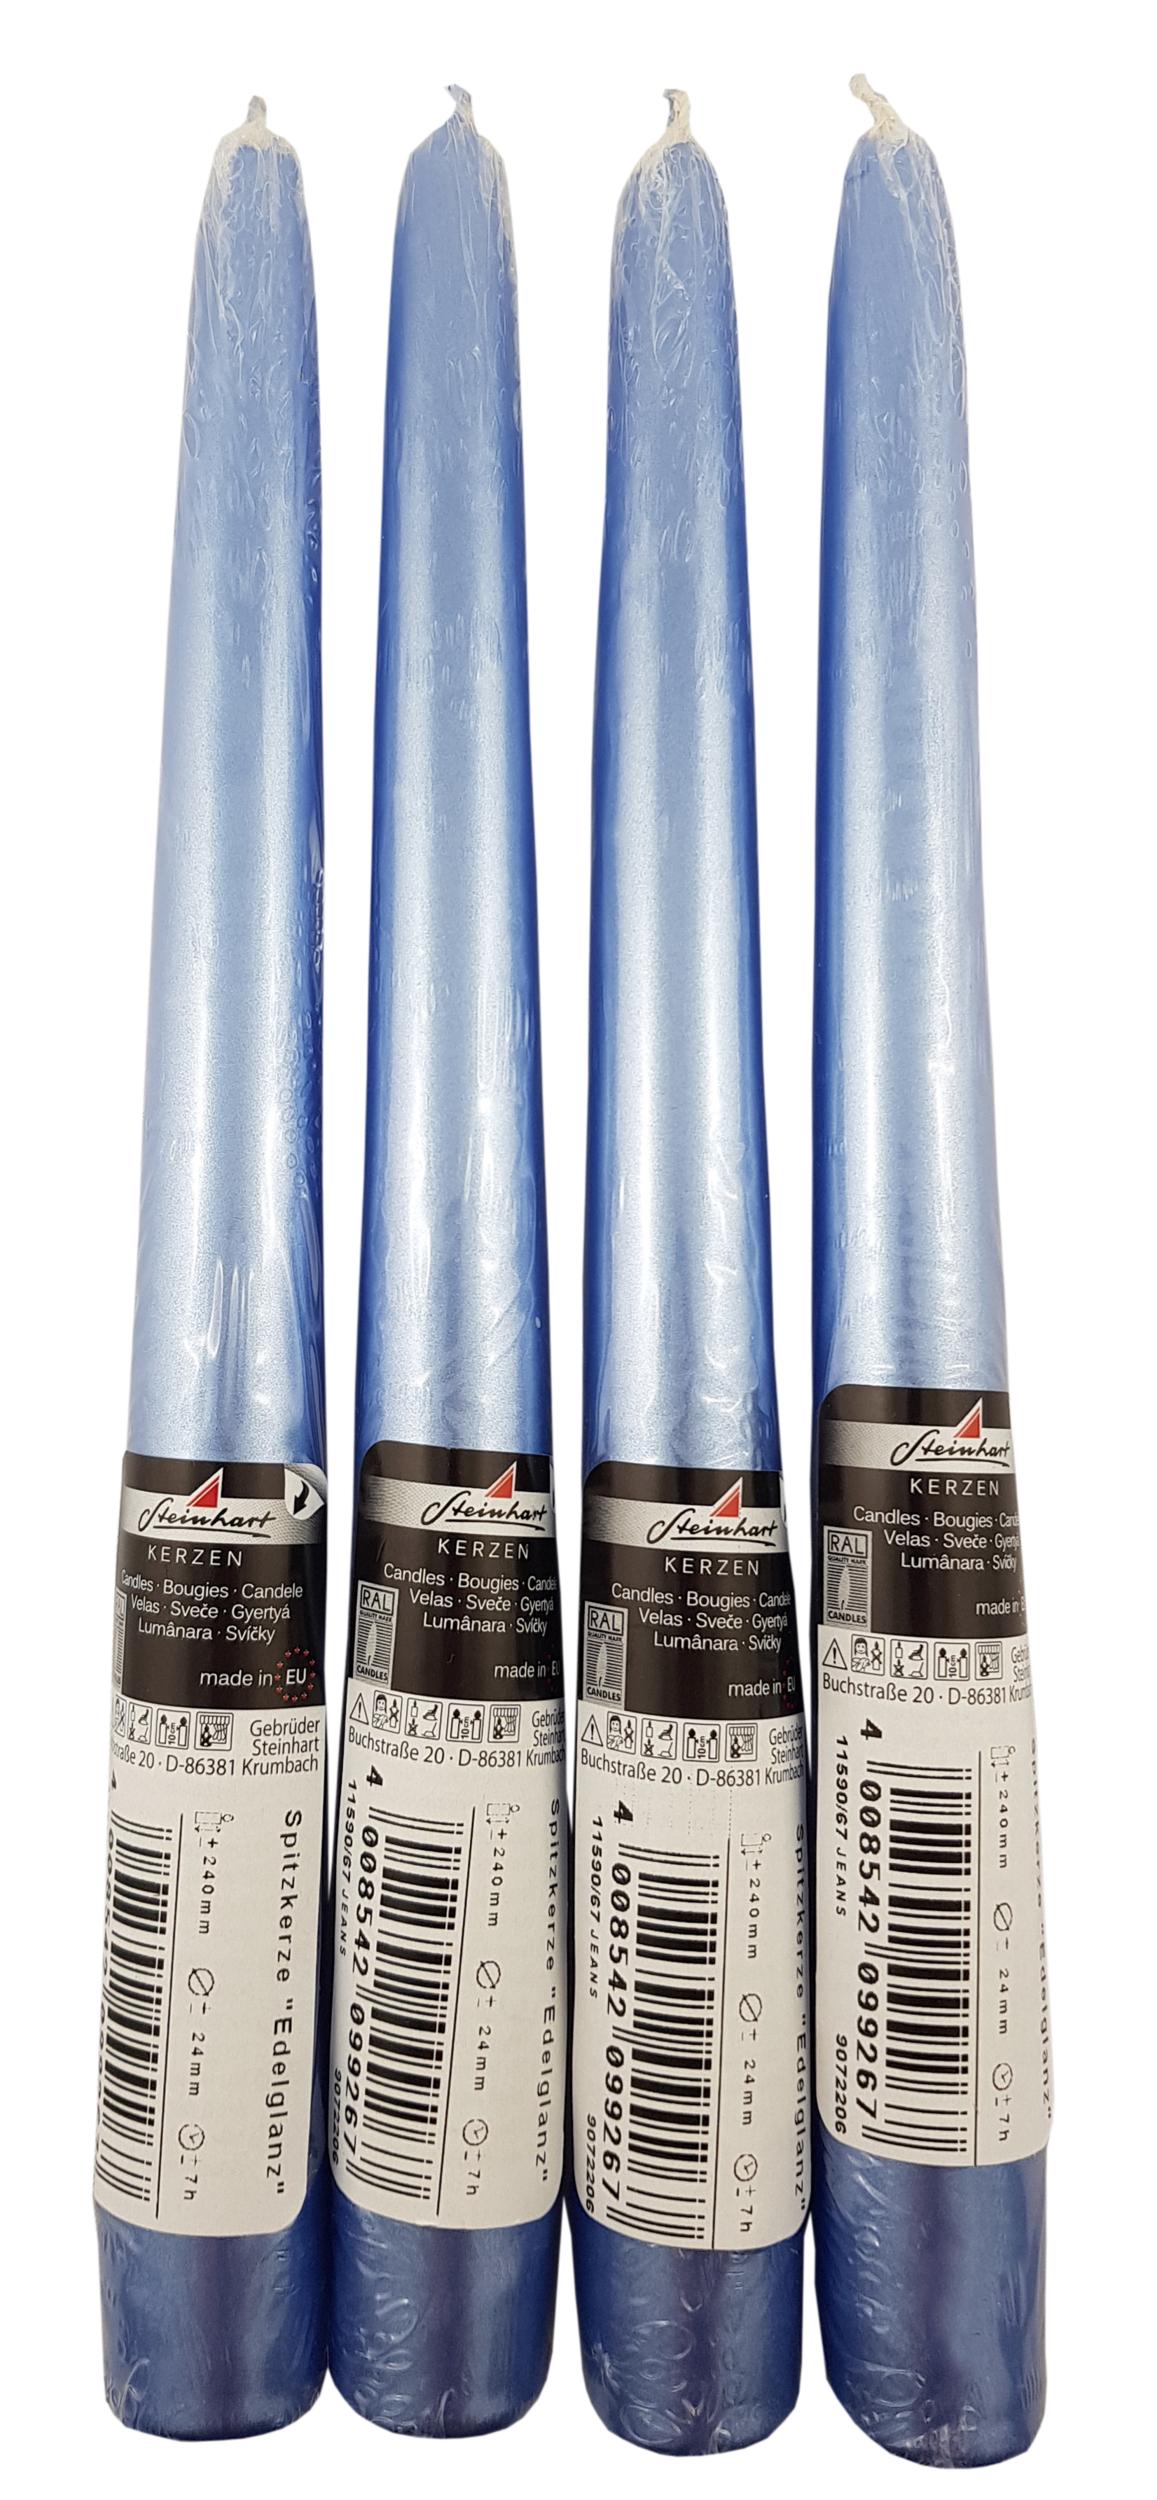 Lot de 4 bougies flambeaux coloris bleu-jeans métallisé. Réf. 188